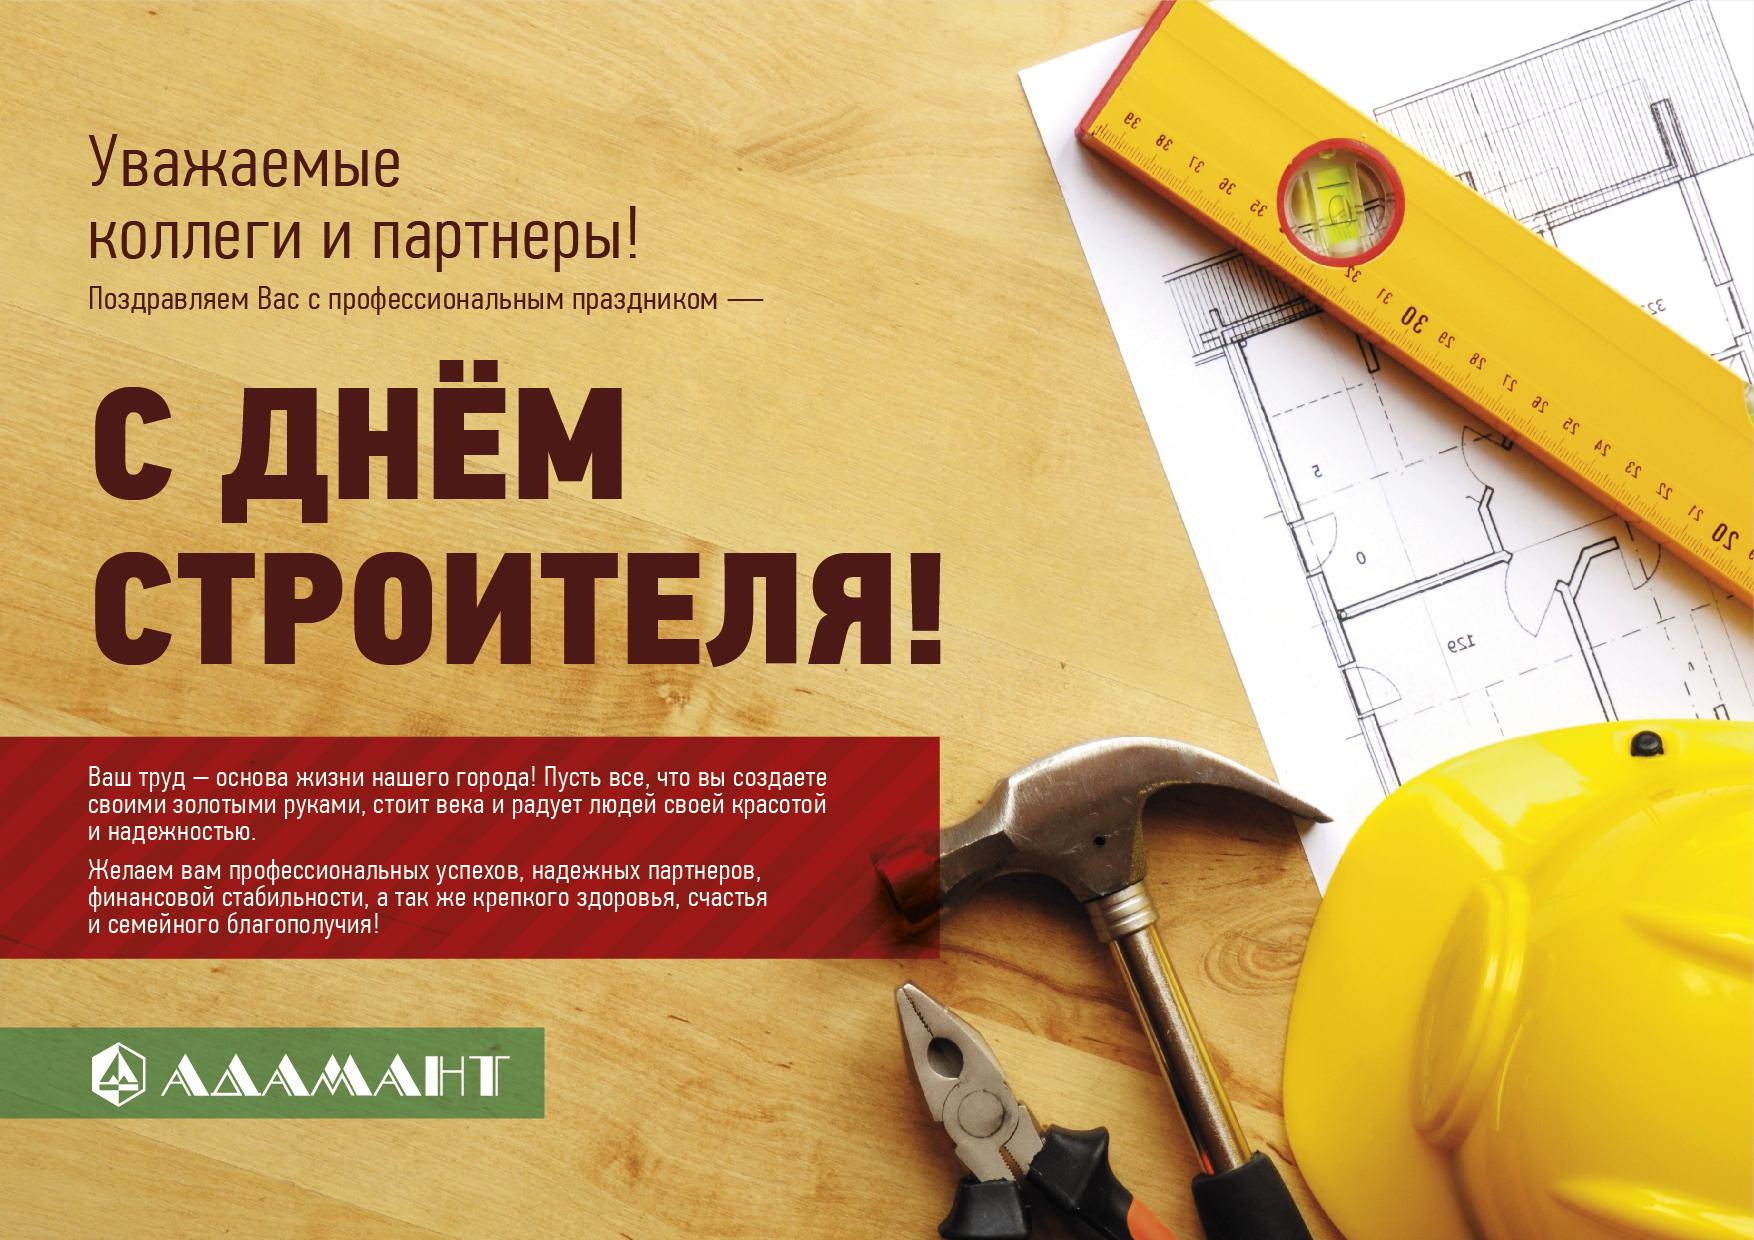 День строителя 2016 года поздравления